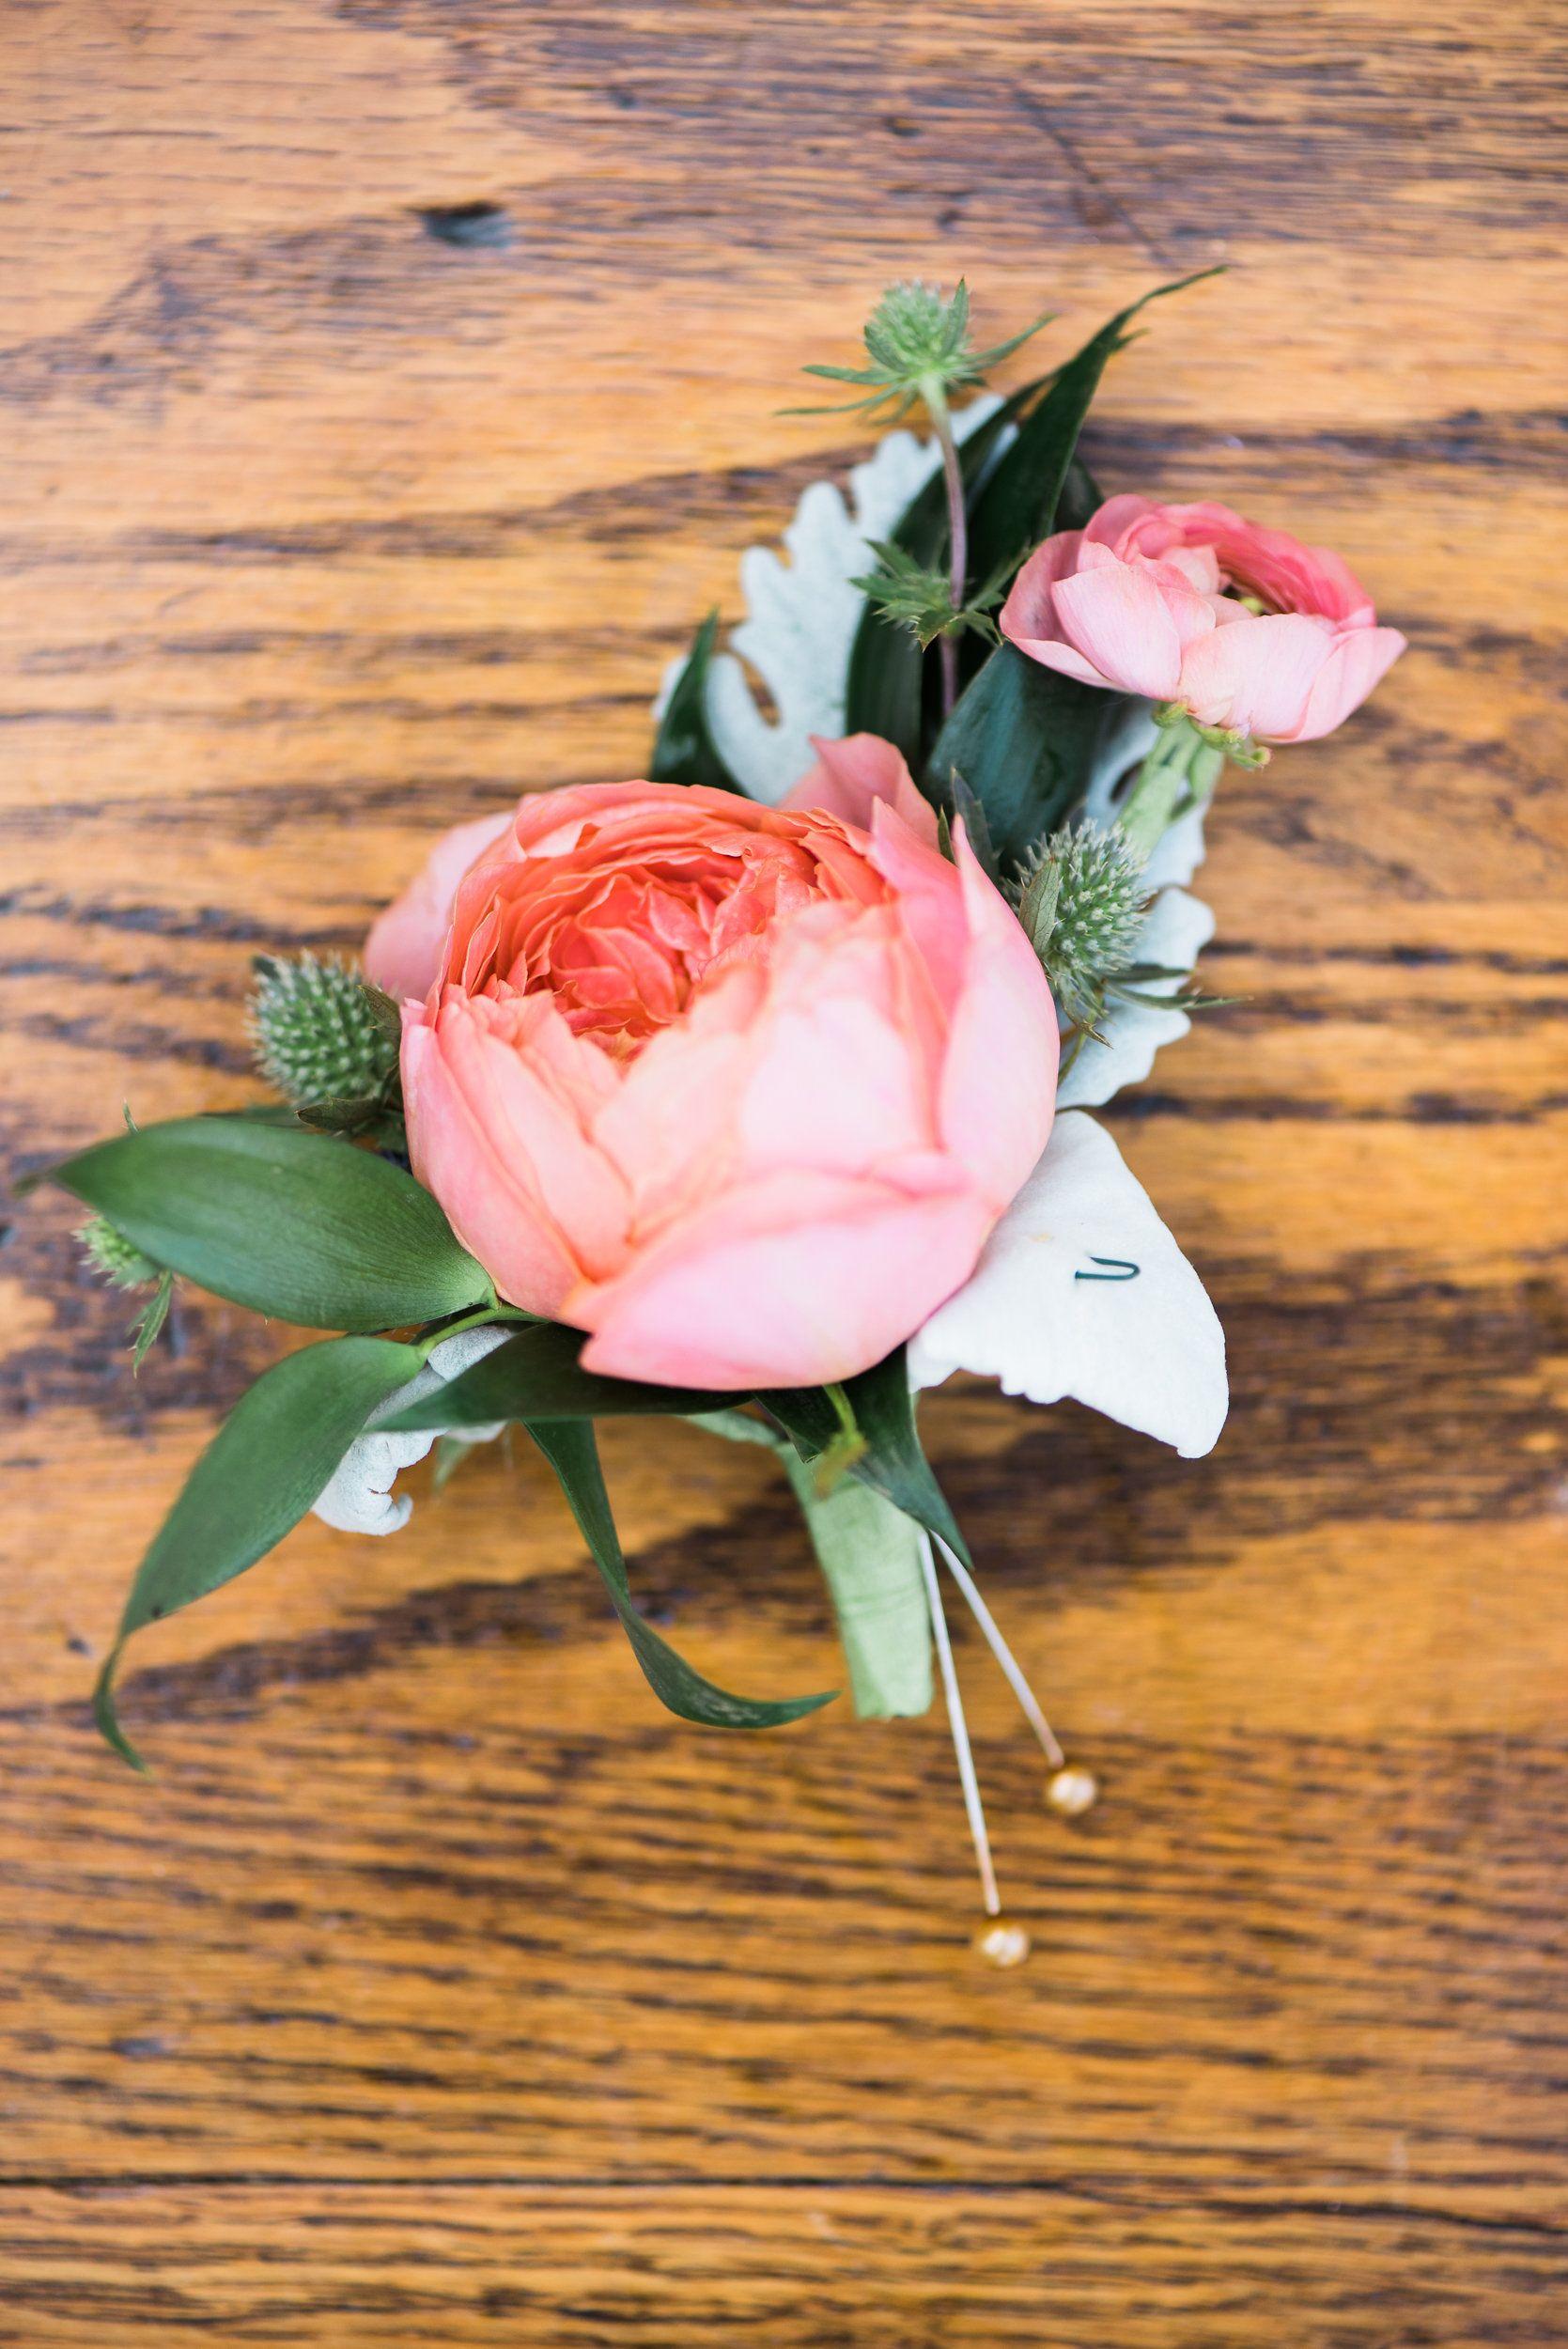 pink garden rose boutonniere